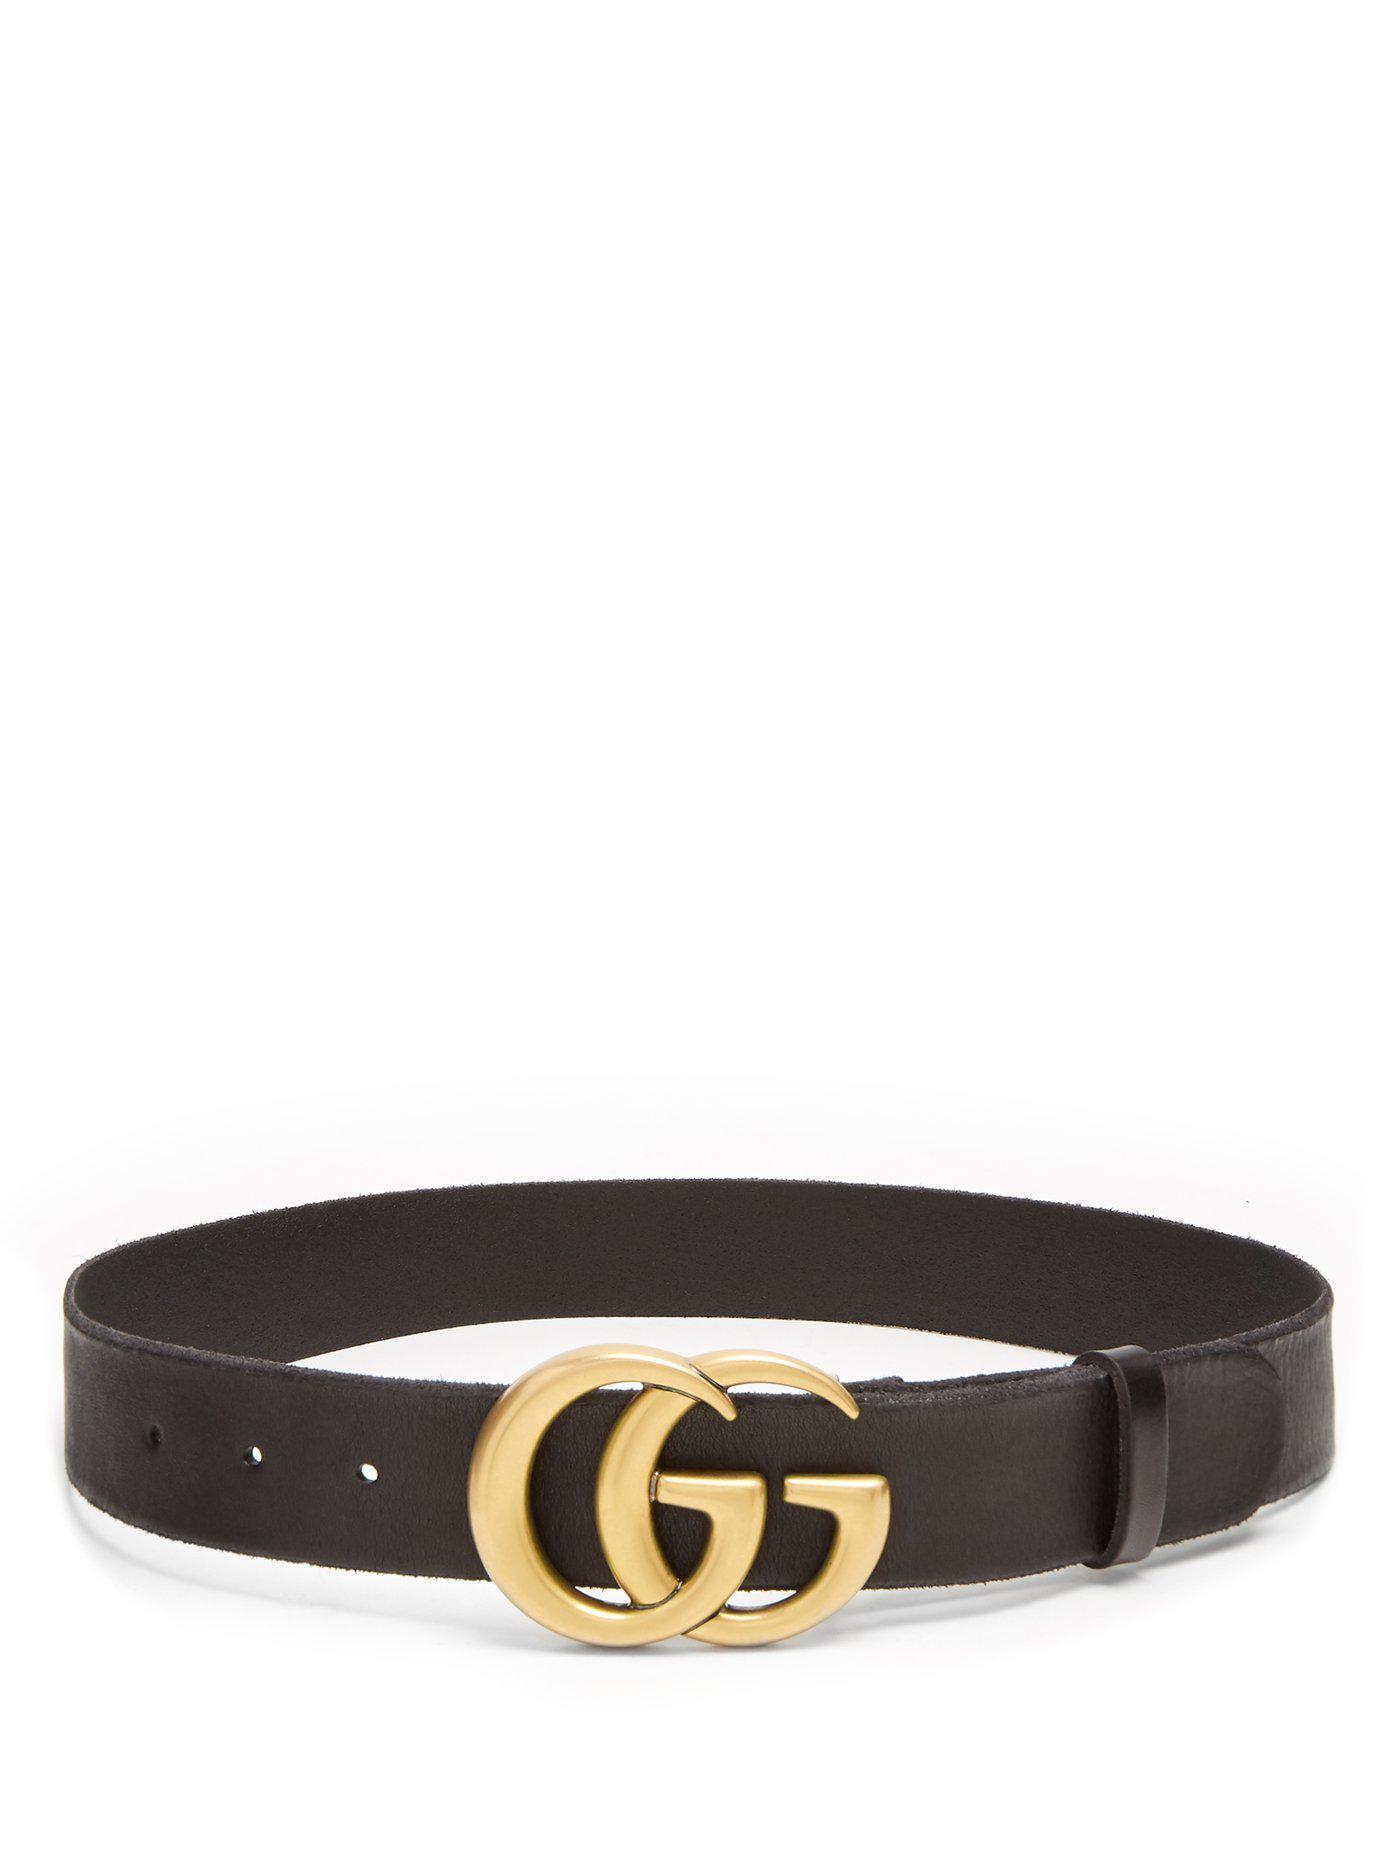 860775edac8 Lyst - Gucci Gg-logo 4cm Leather Belt in Black